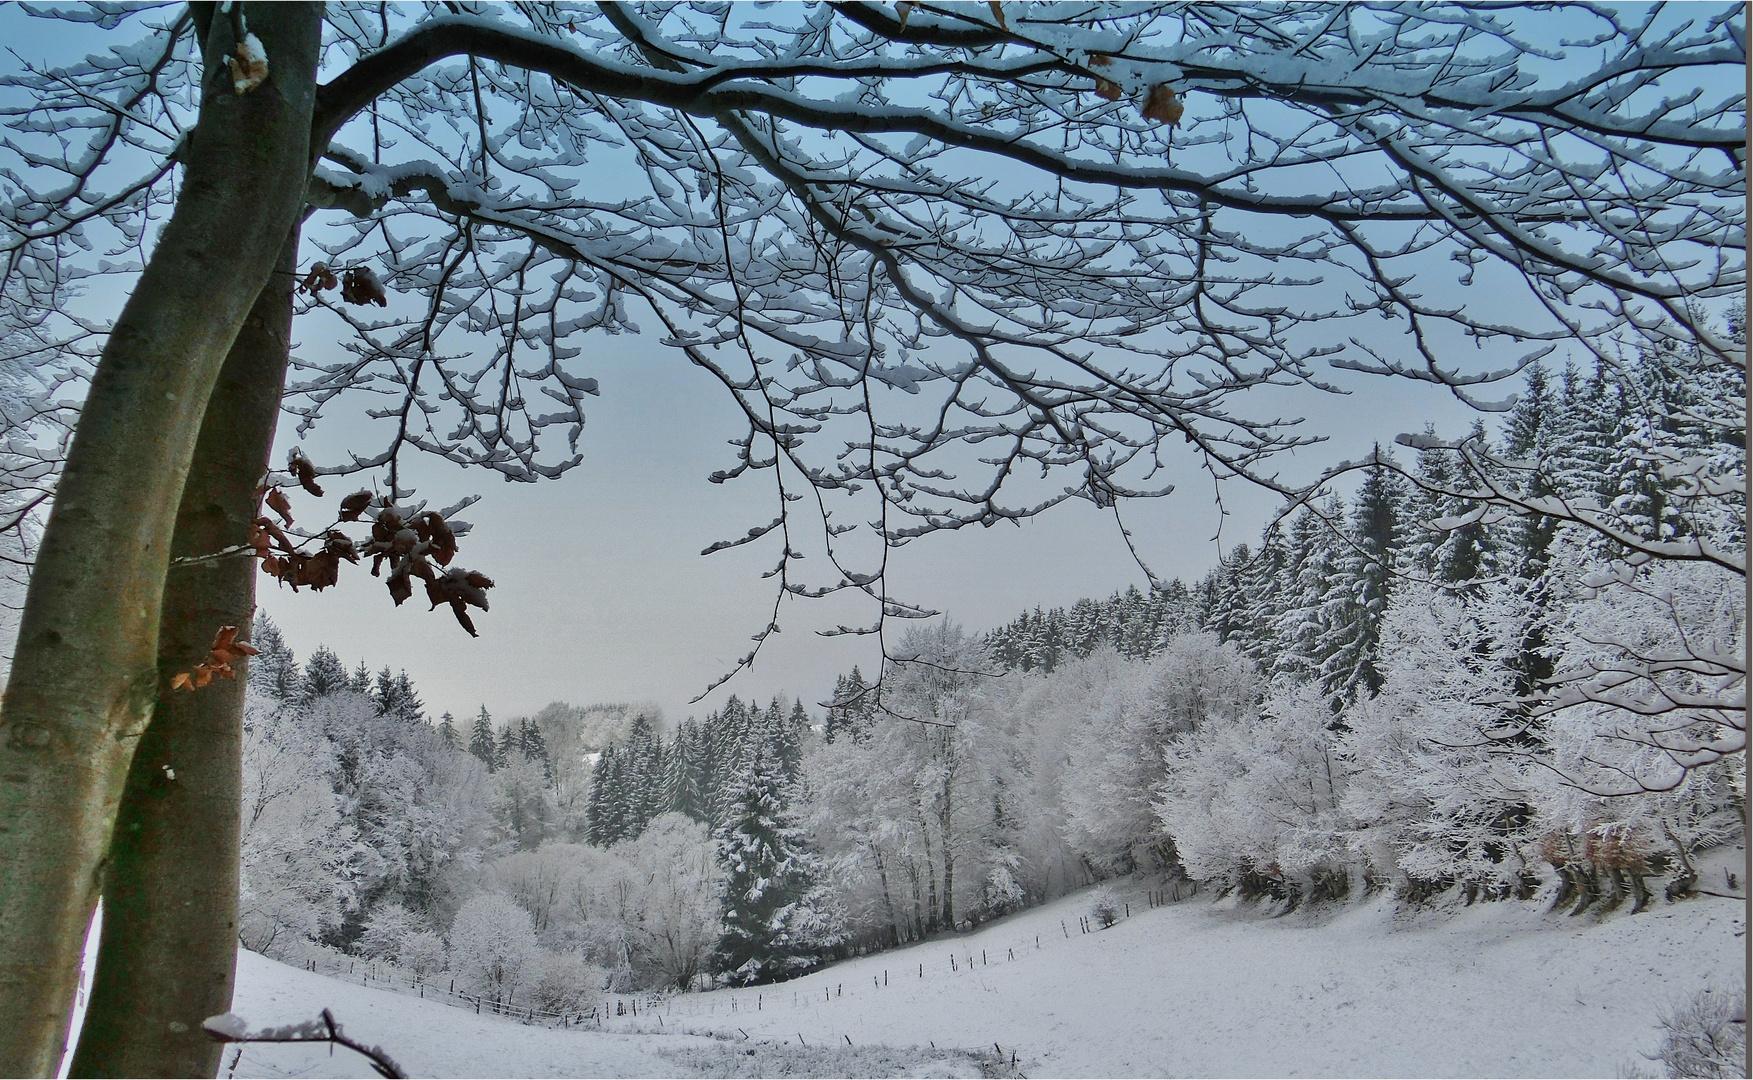 Zauberhafter Winter - davon träume ich..